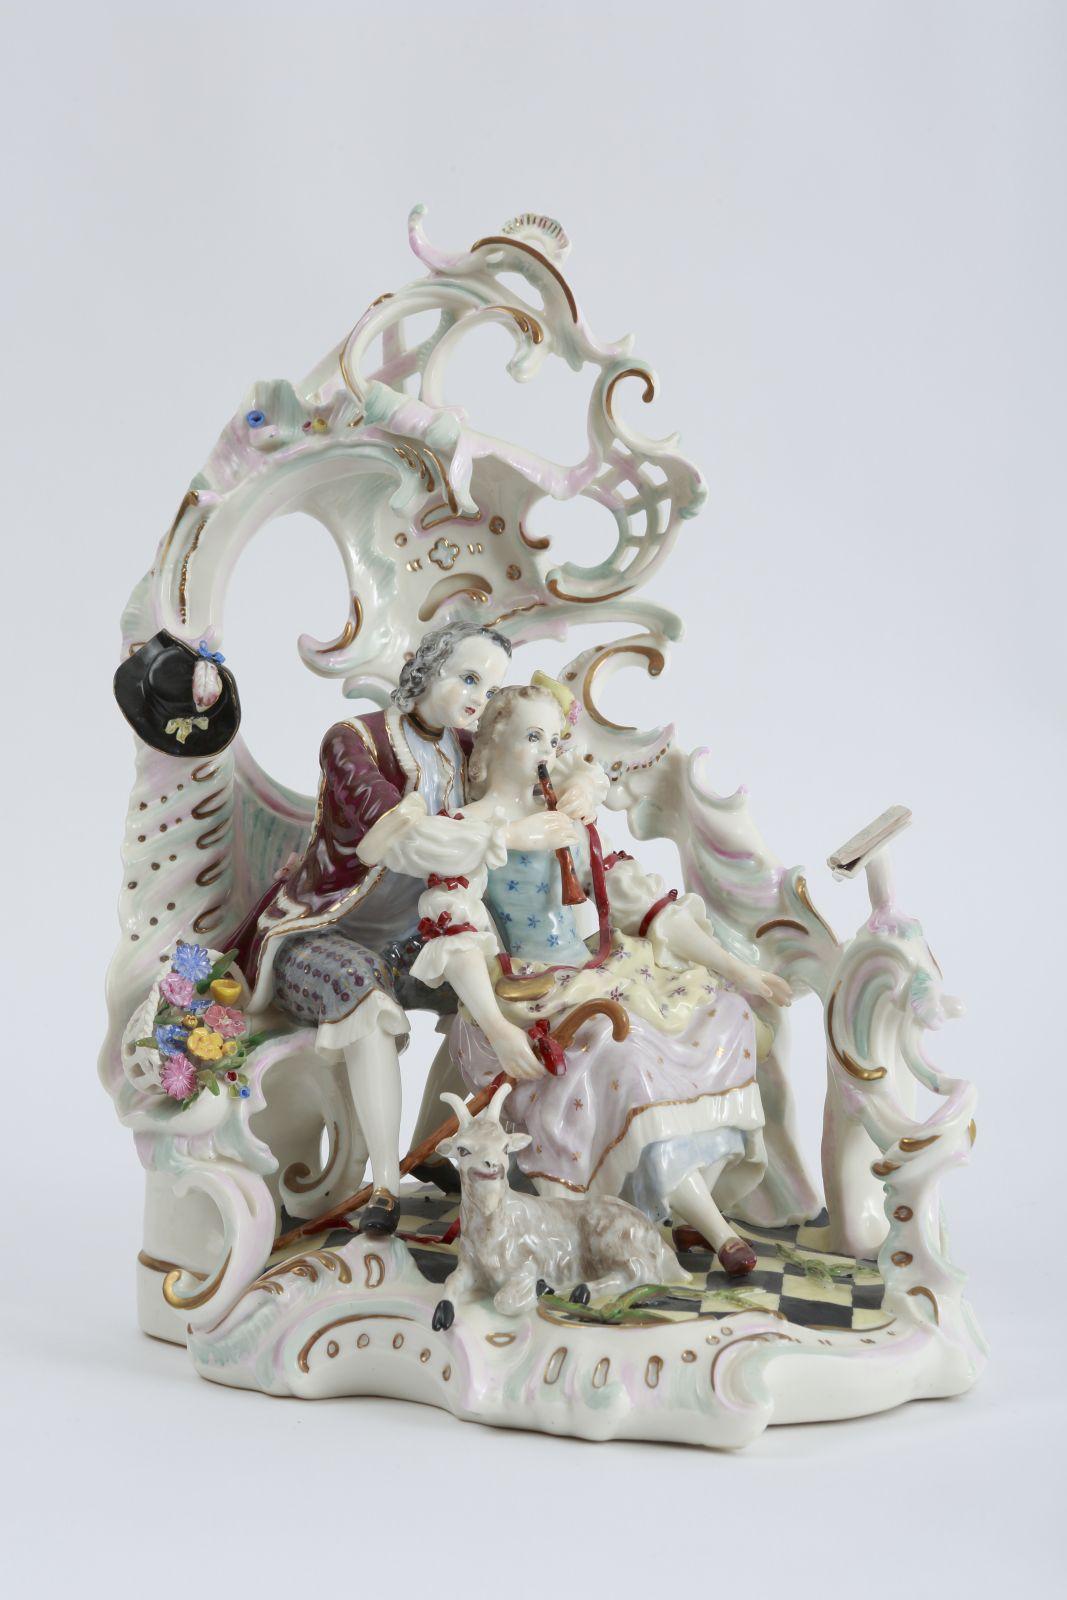 Rococo Porcelain Sculpture Nymphenburg Porcelain Pottery